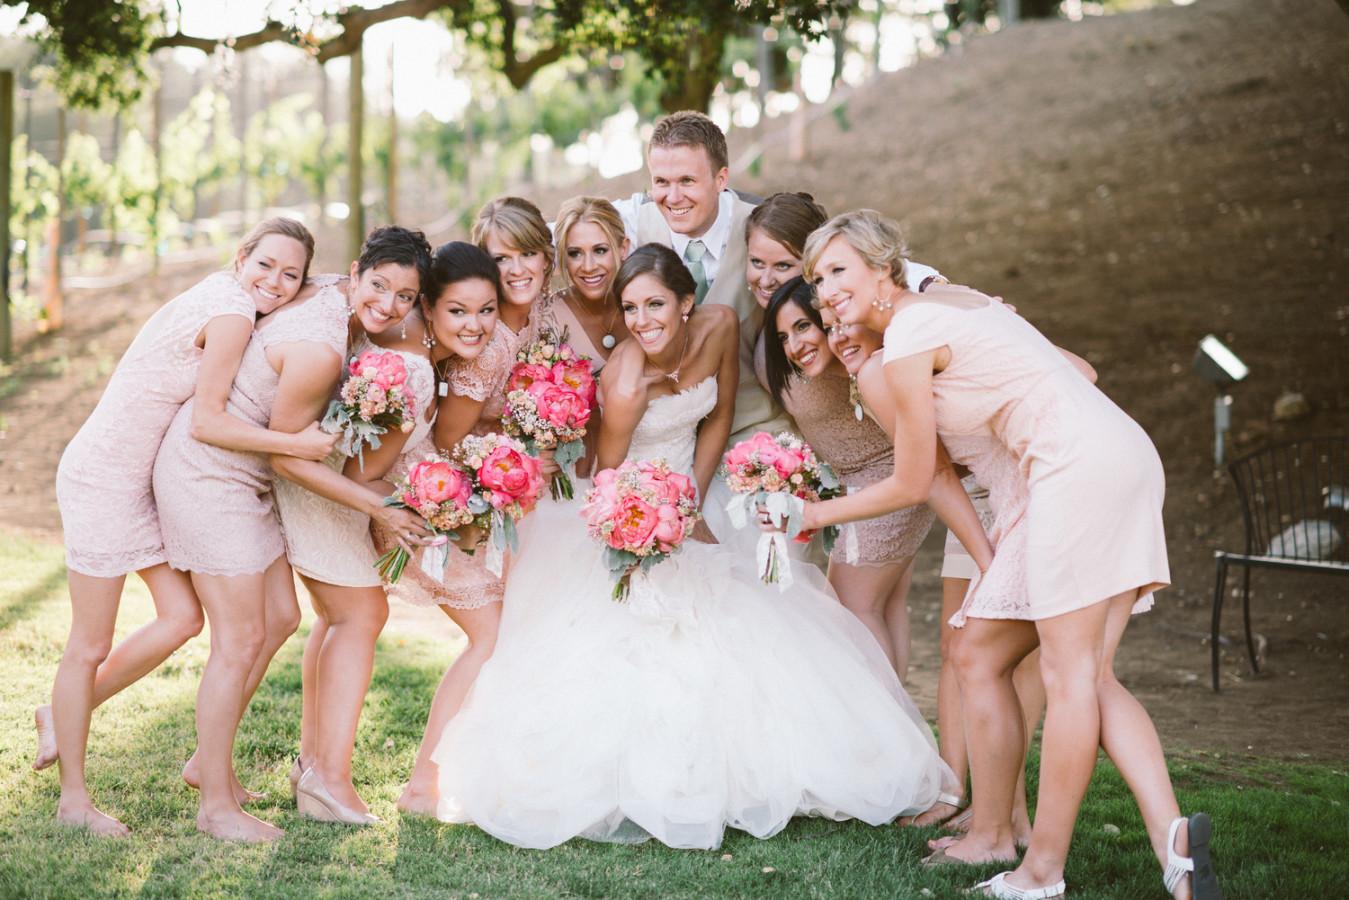 Rodney wedding